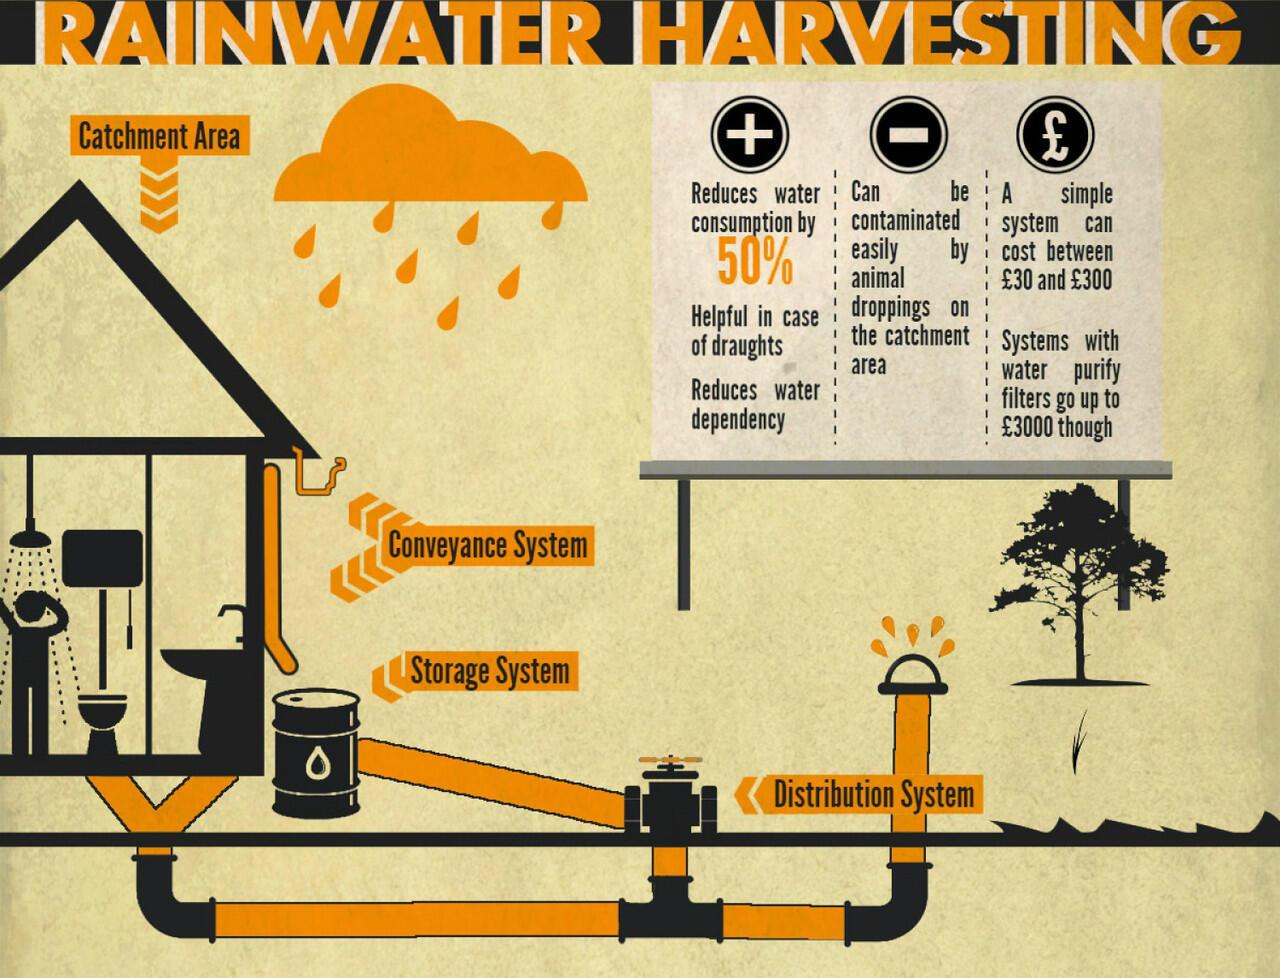 Rain water harvesting di indonesia bisakah kaskus for Rainwater harvesting quotes